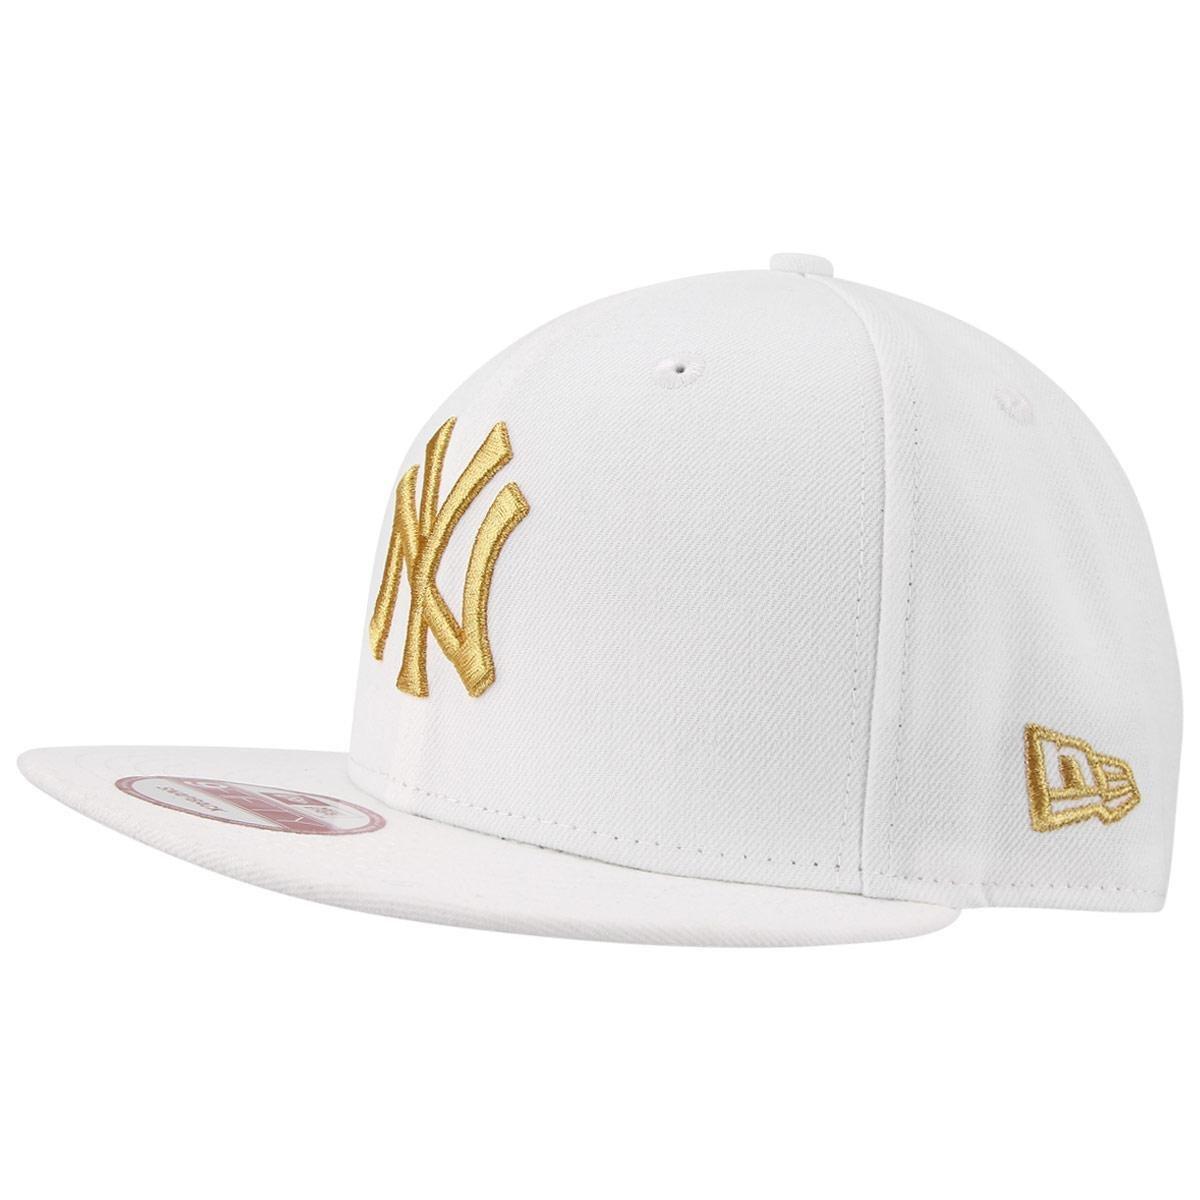 Boné New Era 950 Basic New York Yankees - Compre Agora  3ec382ca1ac